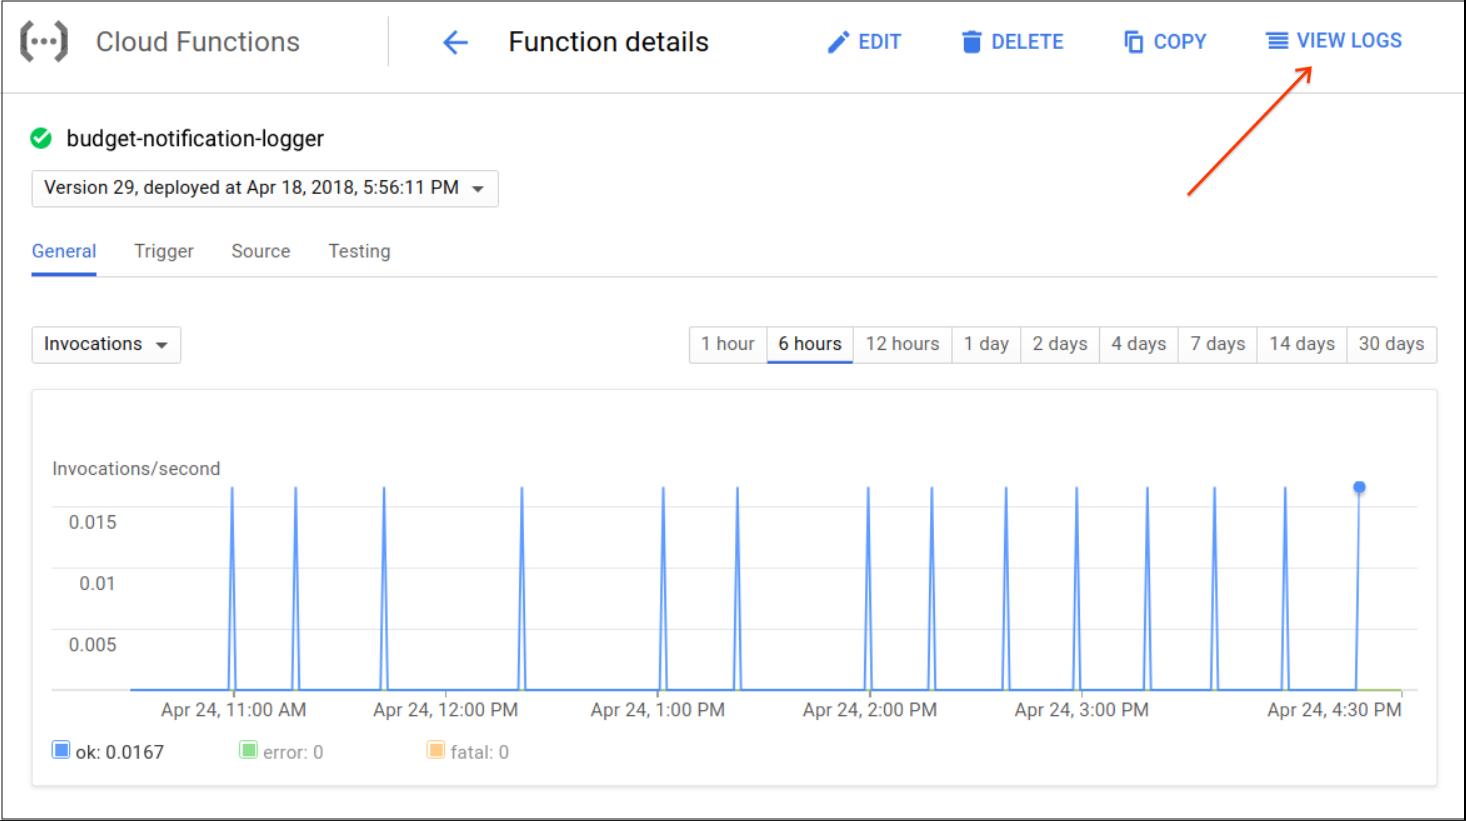 Mostra onde é possível encontrar os registros de visualização na tela e a lista de eventos de Função do Cloud no Console do Cloud.